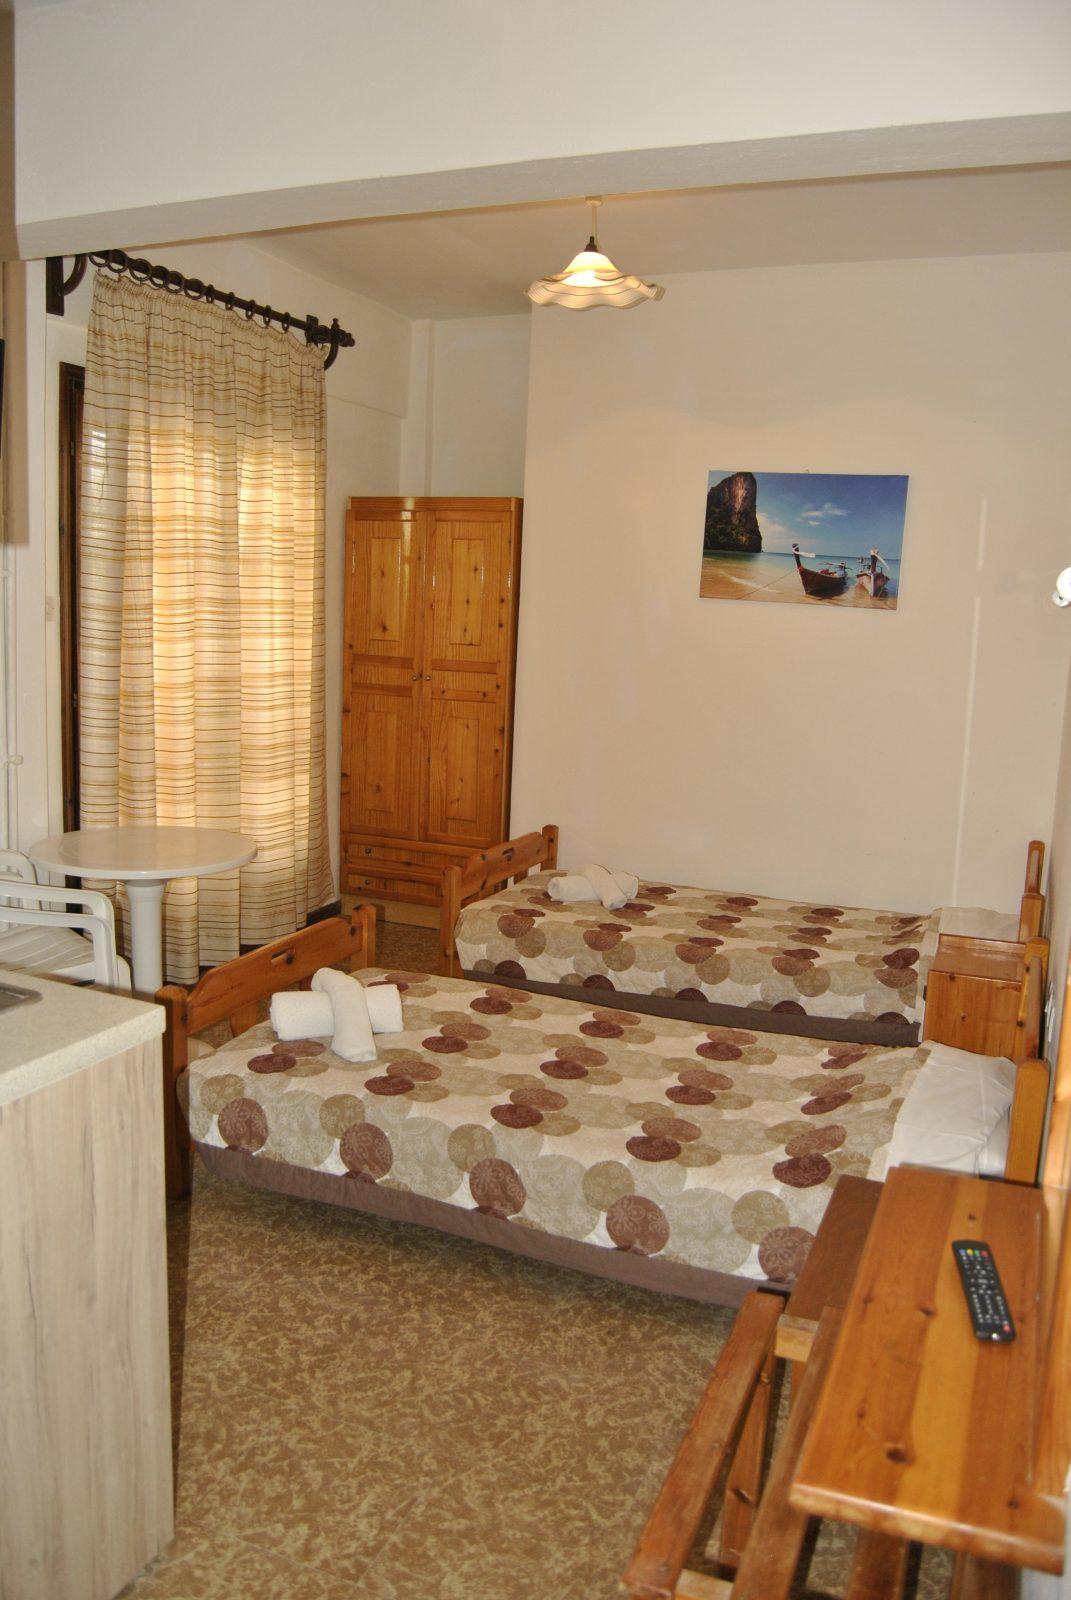 Grcka apartmani letovanje, Nea Flogita Halkidiki, Pirgioti, krevet